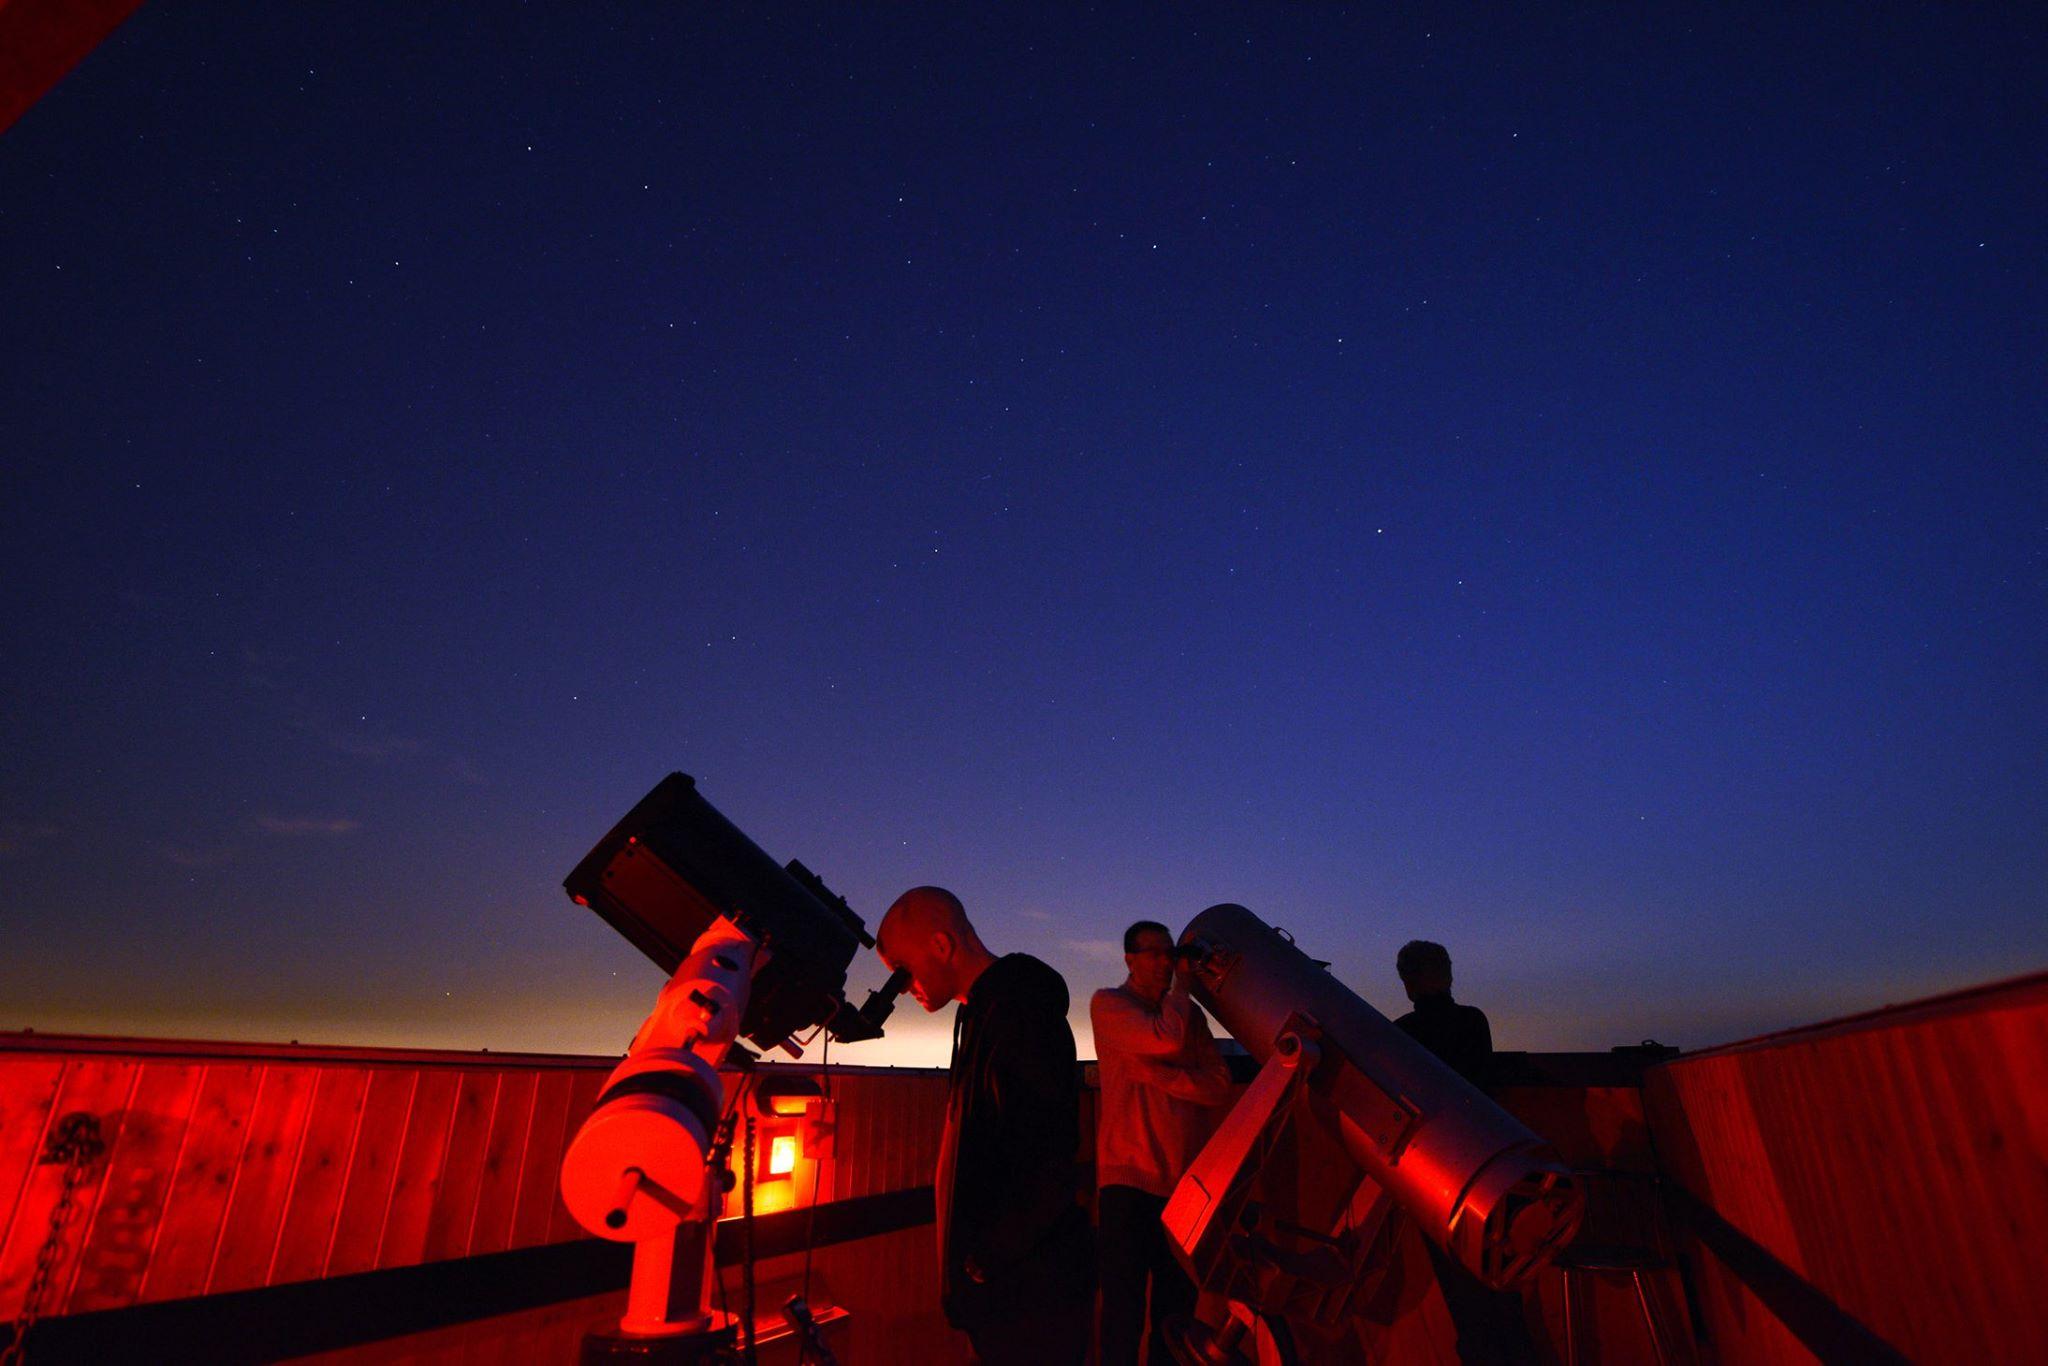 YAS Observatory